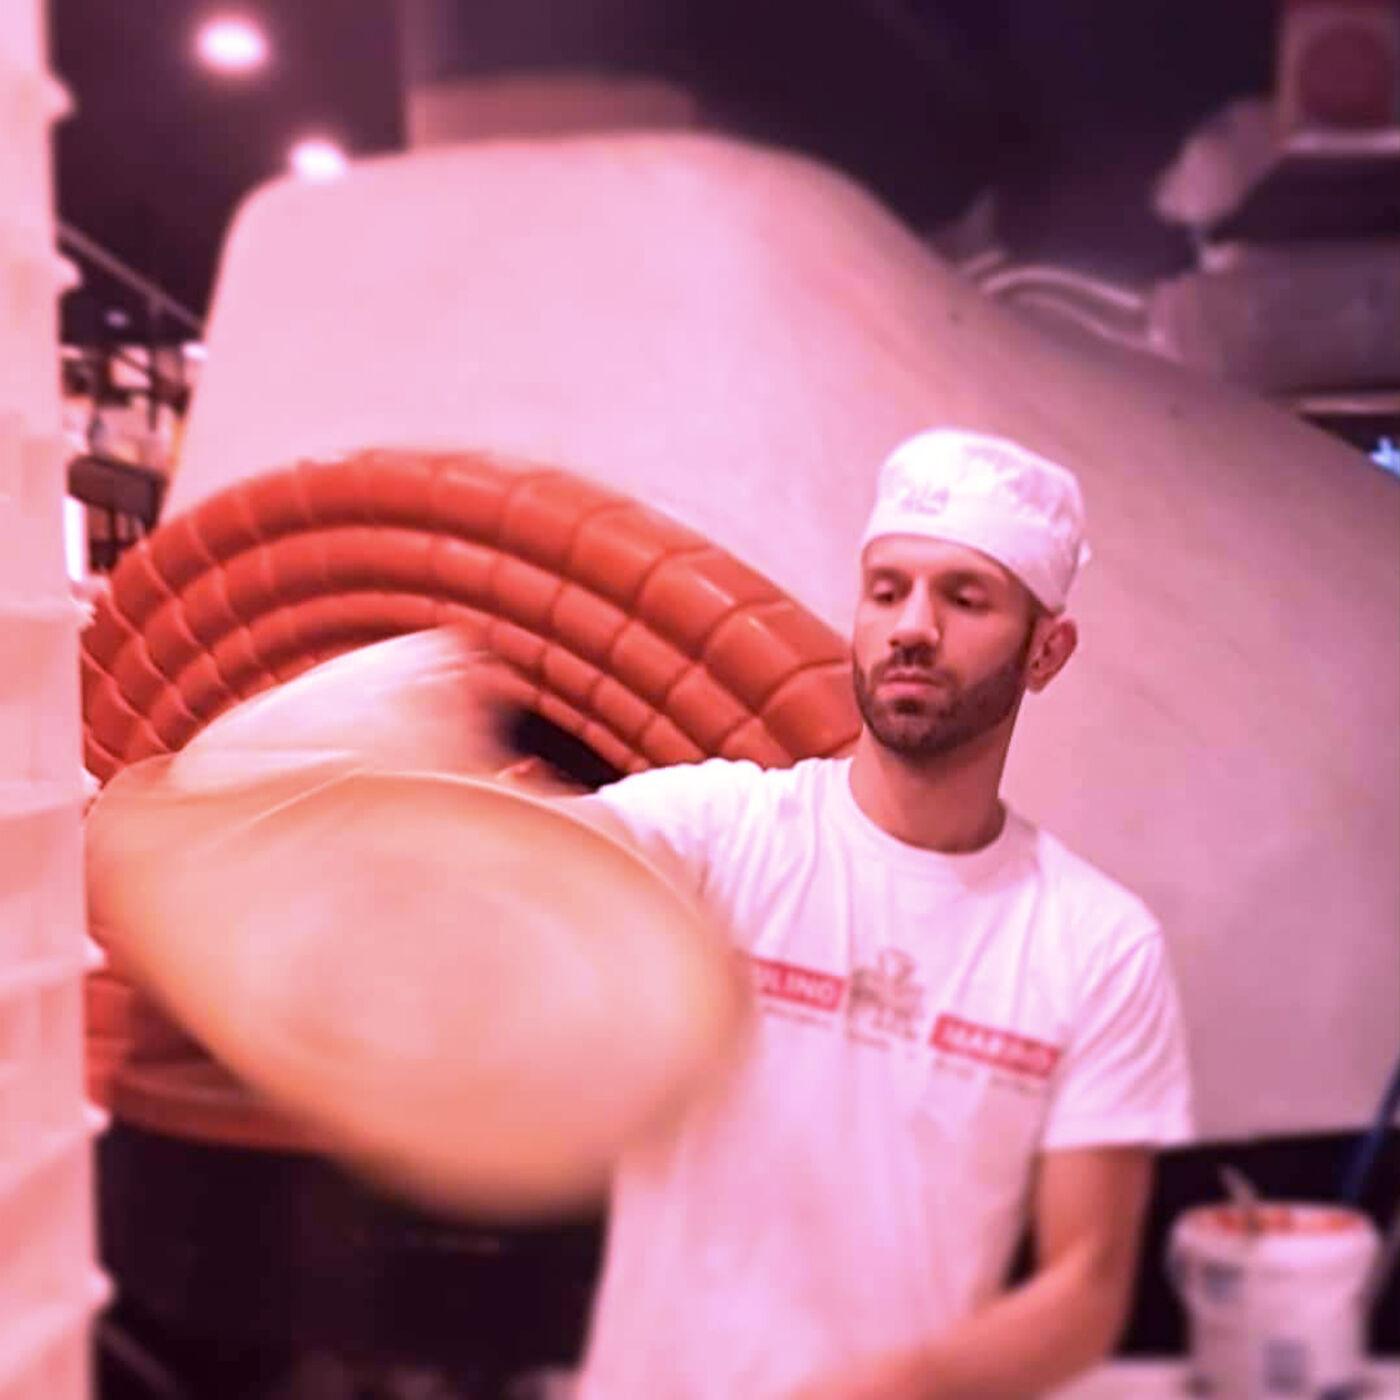 Interview with Cristian Molino, Pizza Chef & Founder of FB group 'Pizzaioli su Parigi' (ITALIAN)